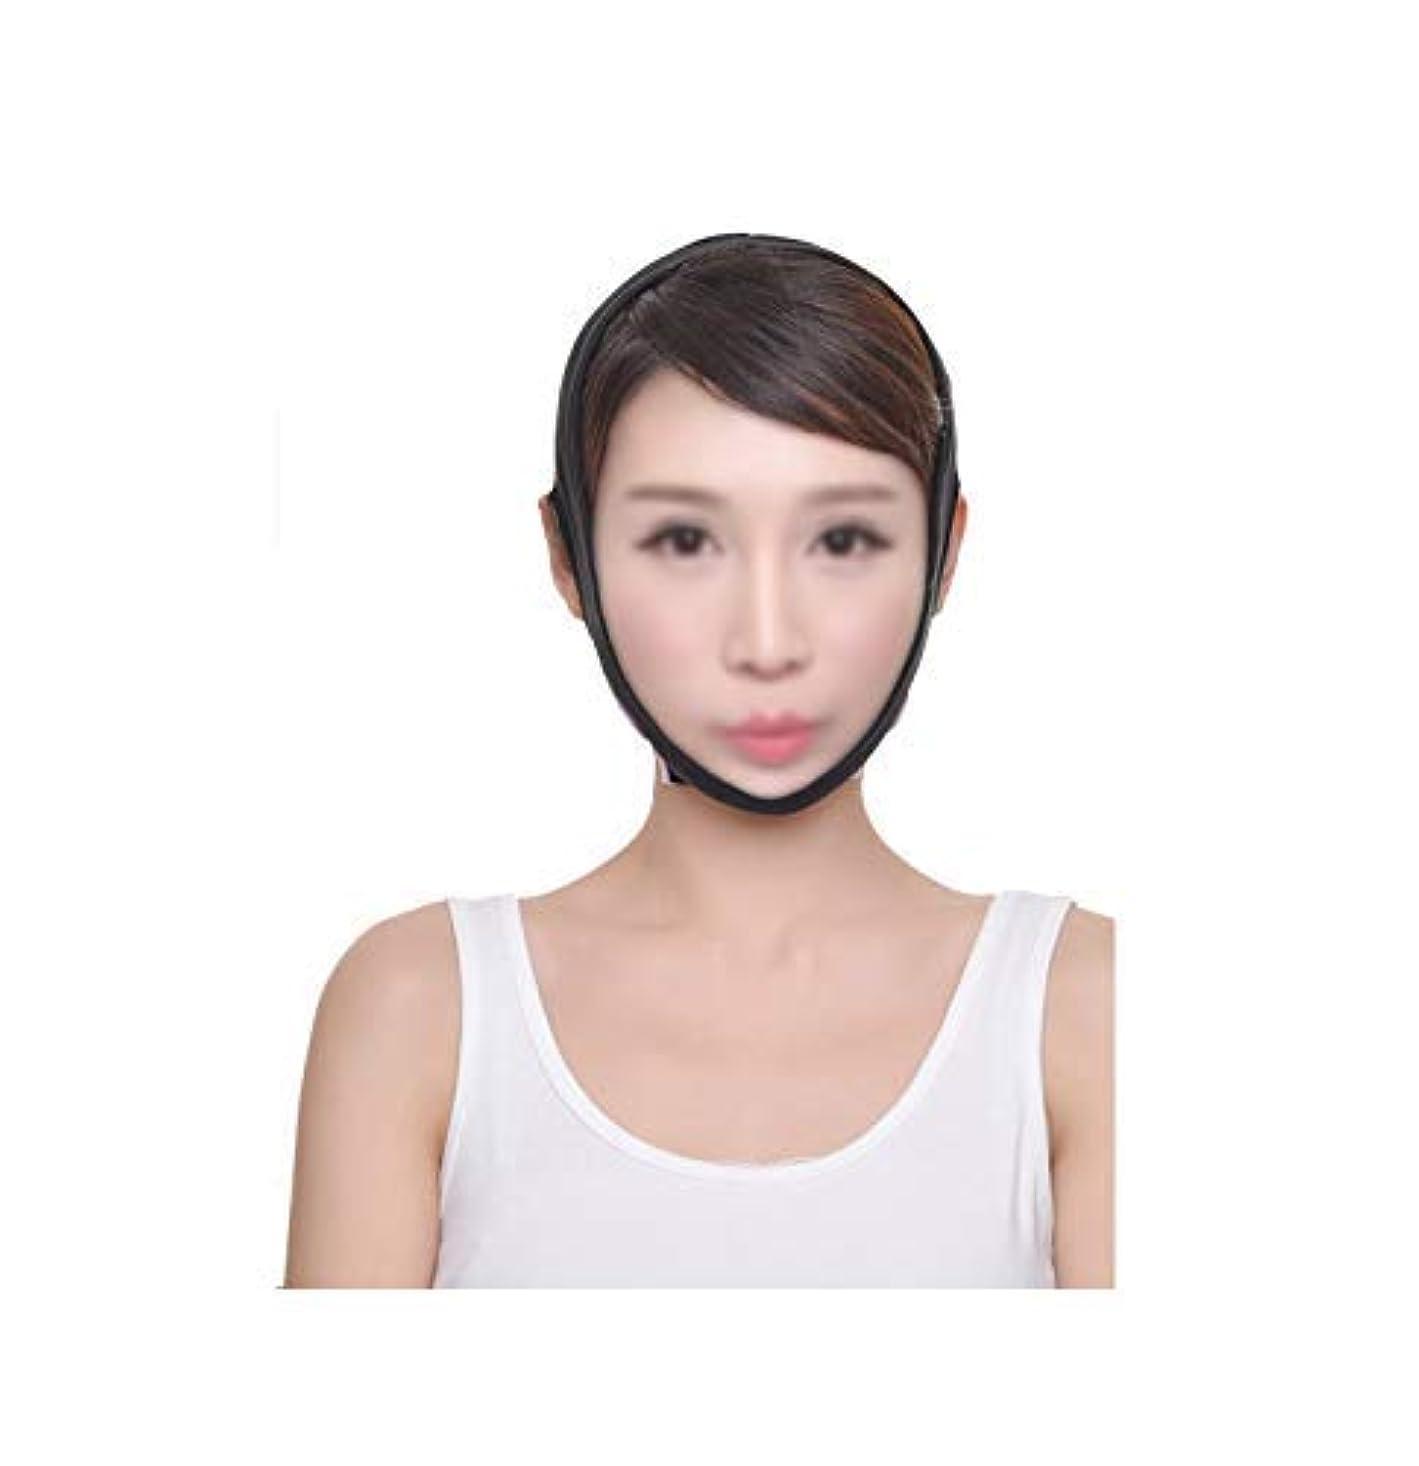 禁止する偽物入射ファーミングフェイスマスク、フェイスリフティングアーティファクト脂肪吸引術術後整形二重あご美容マスクブラックフード(サイズ:L)